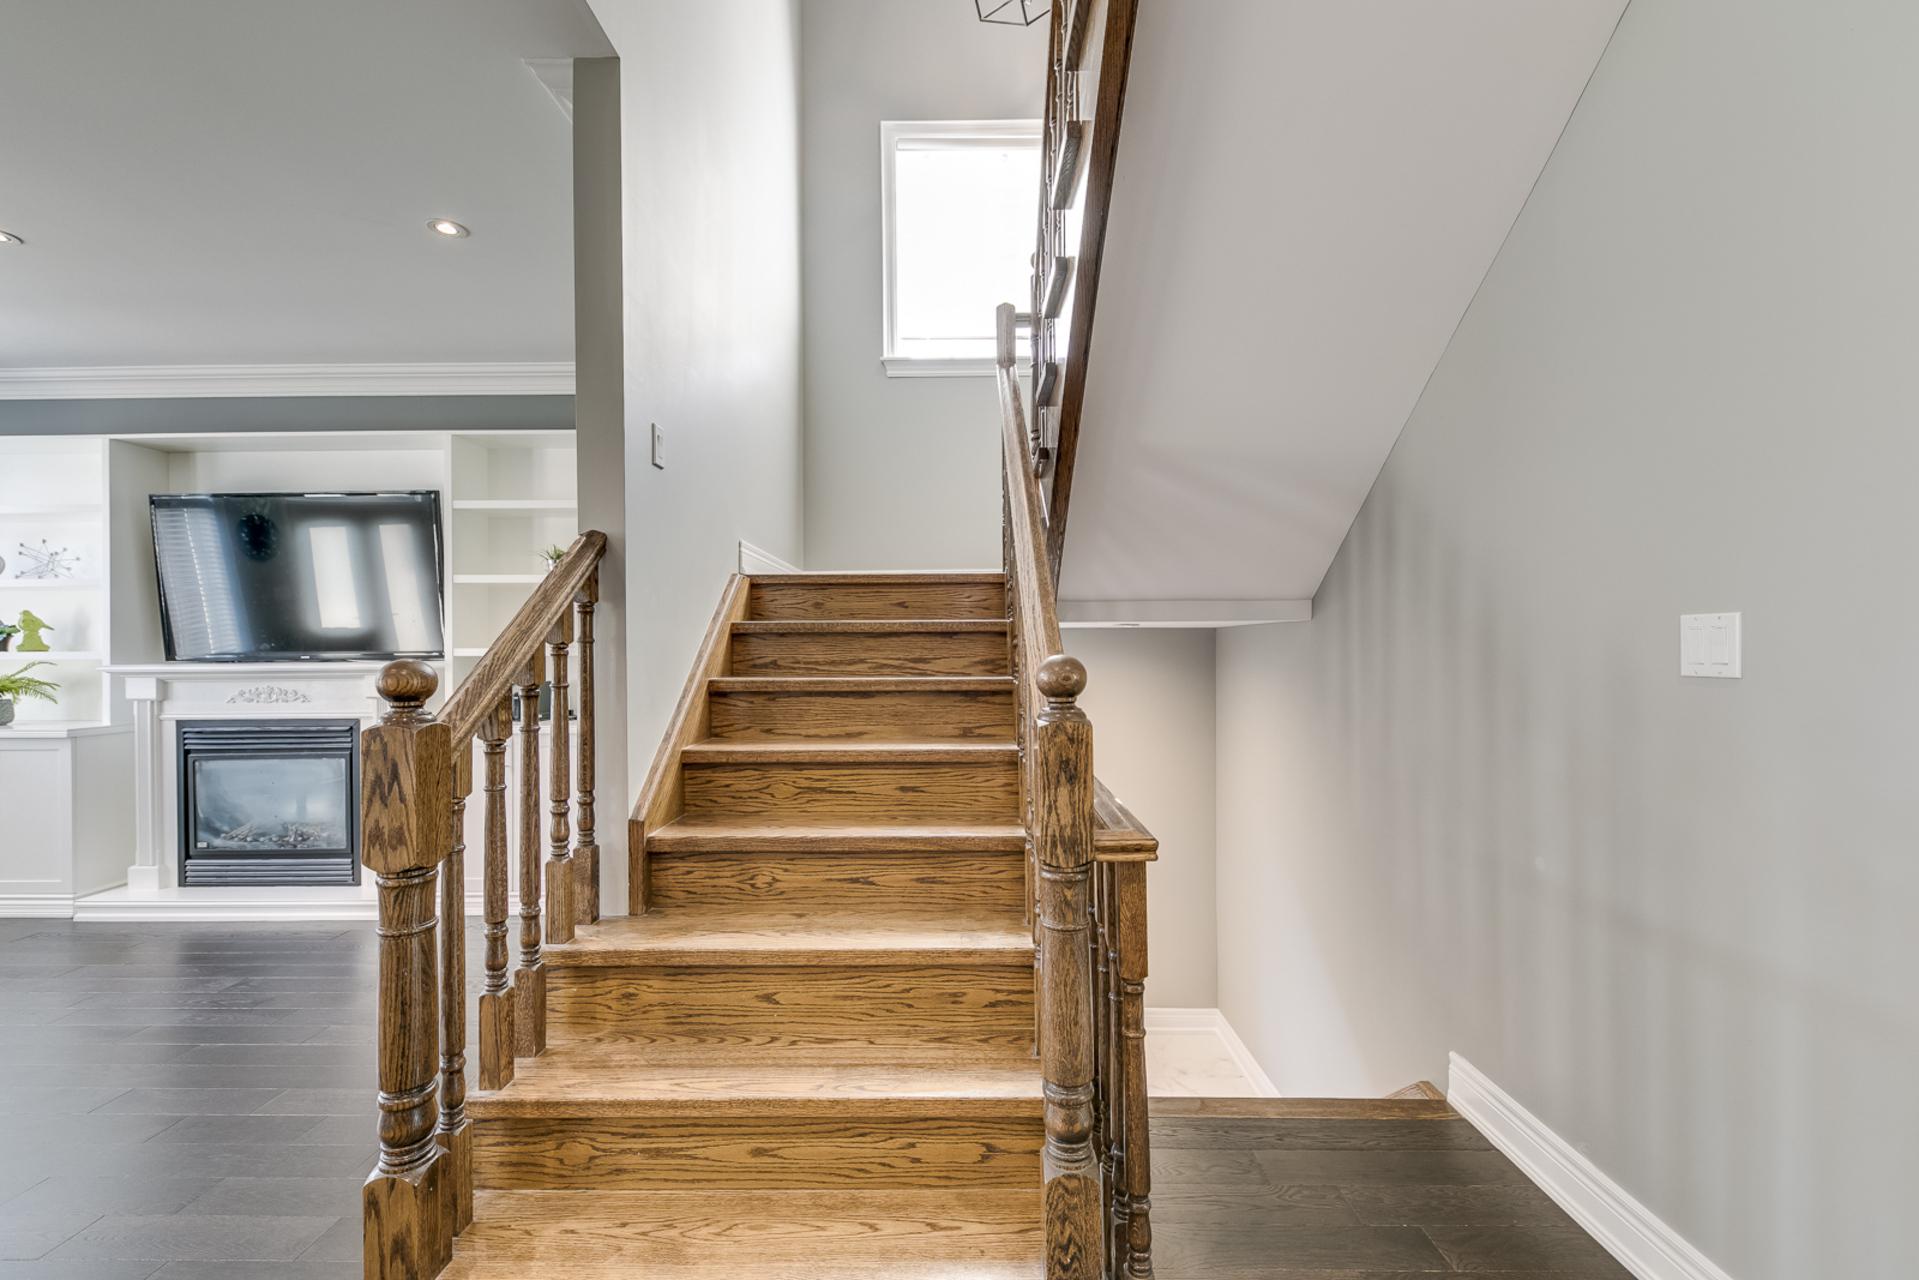 Stairs - 2473 Eighth Line, Oakville - Elite3 & Team at 2473 Eighth Line, Iroquois Ridge North, Oakville